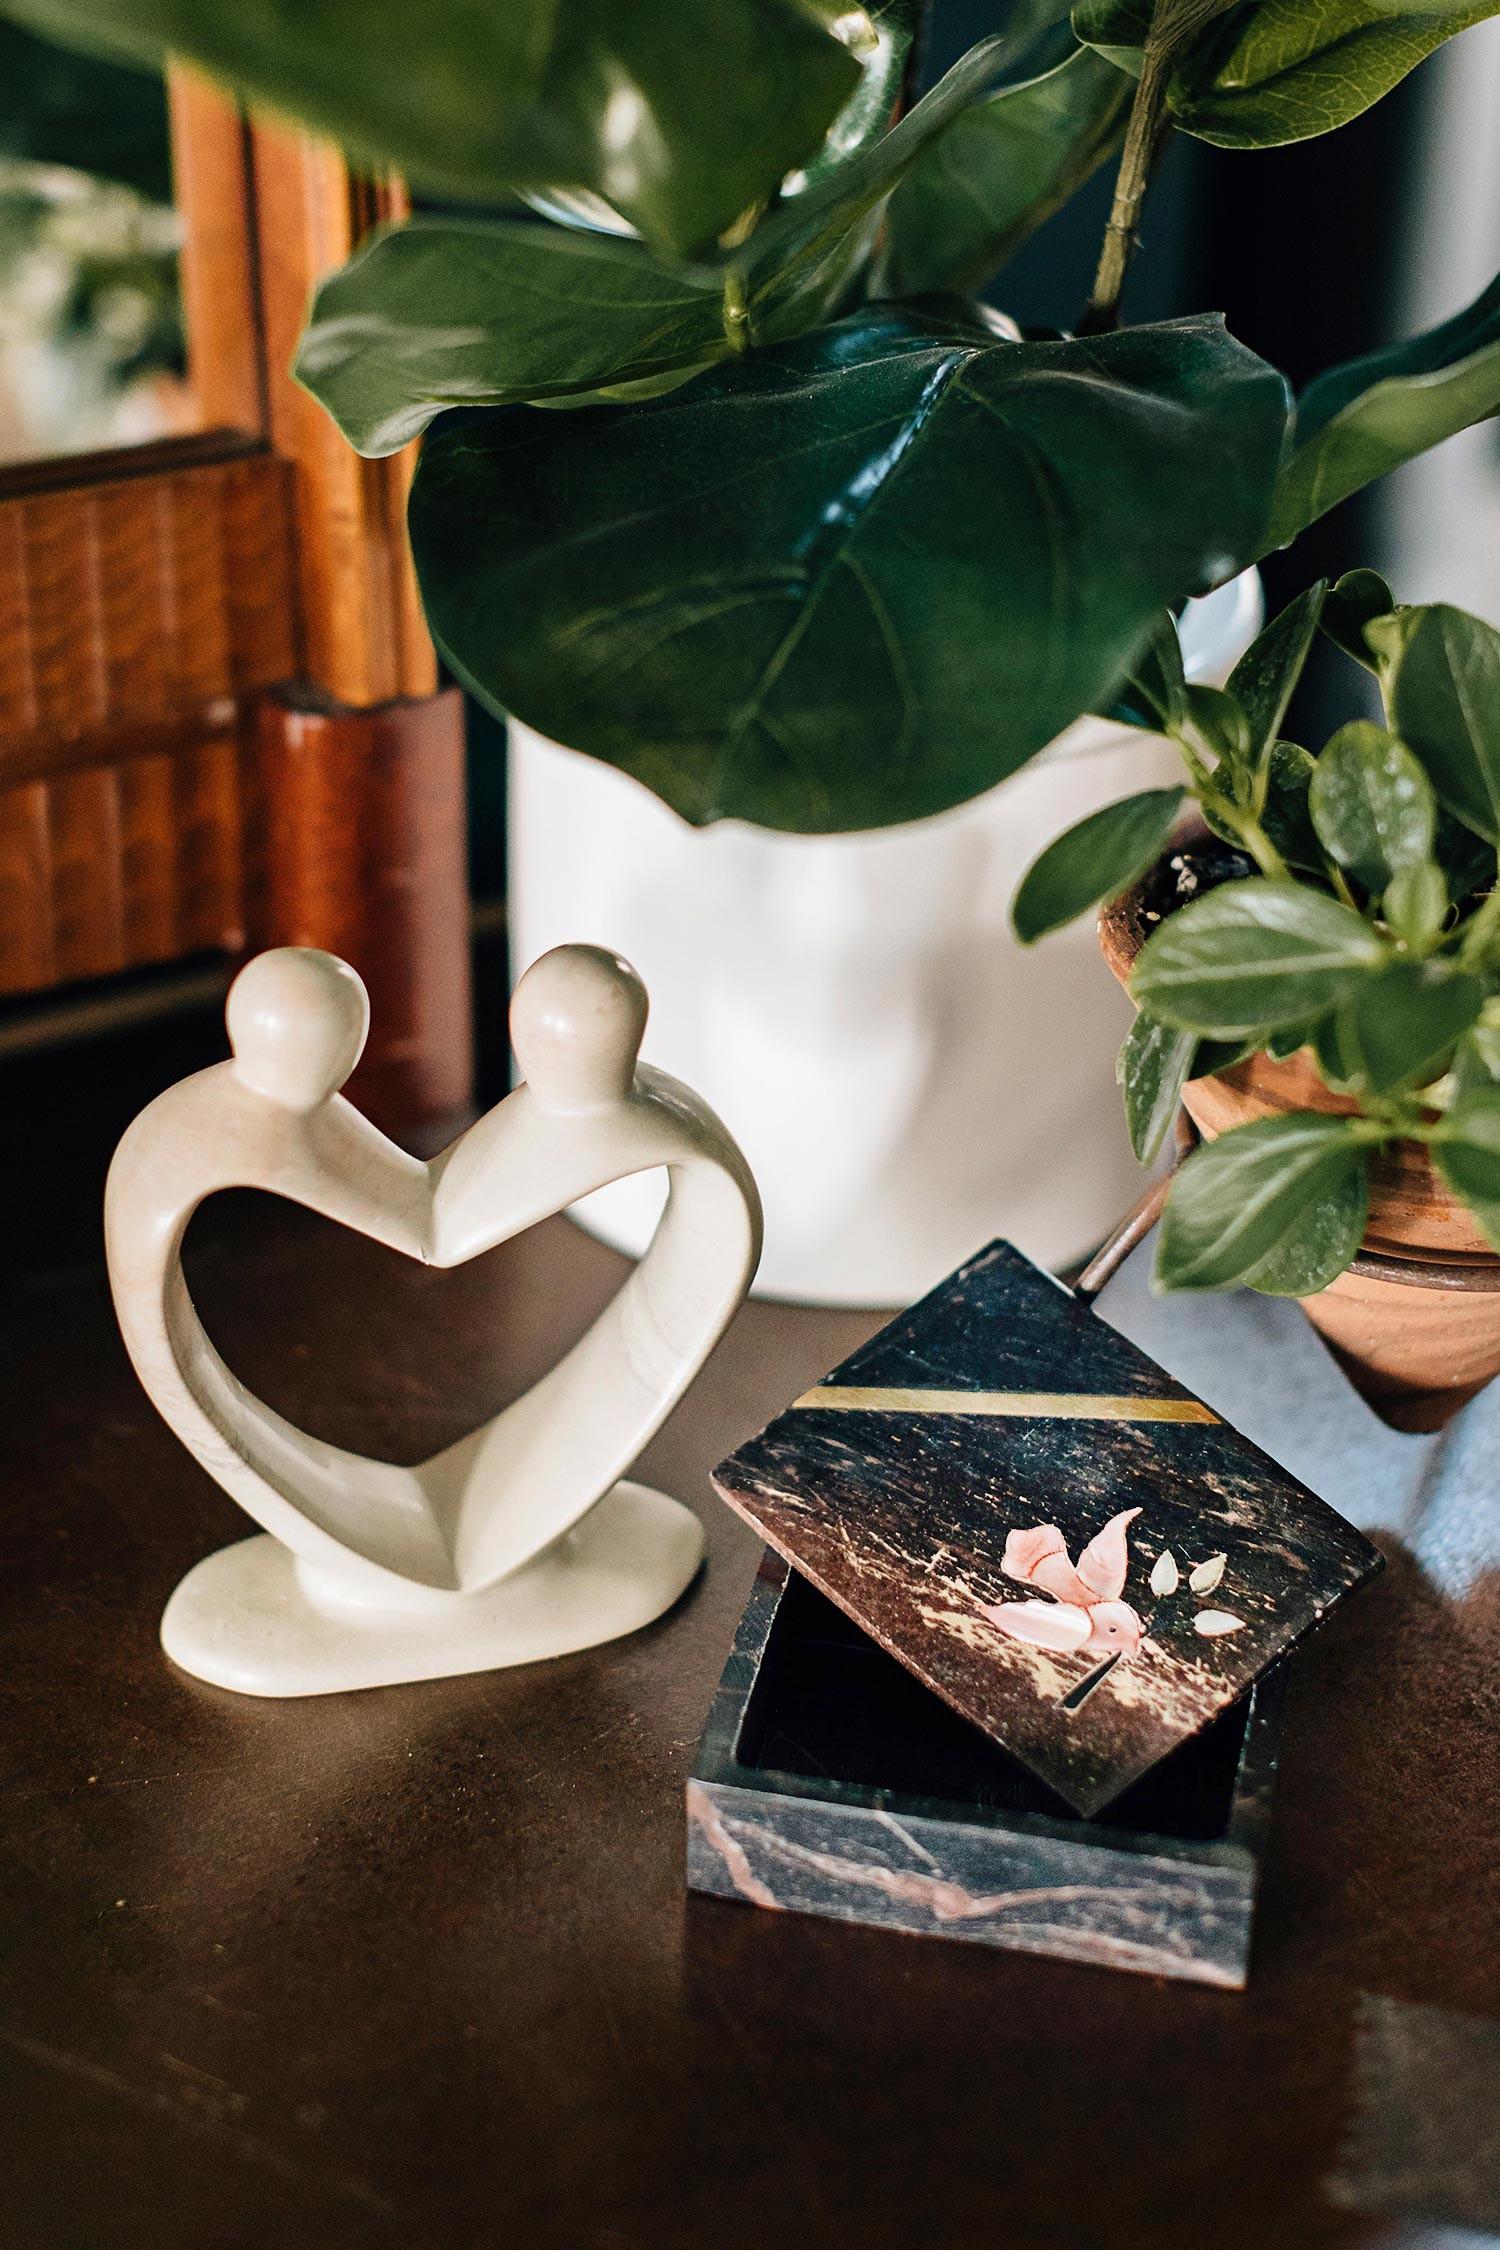 fair trade wedding gifts